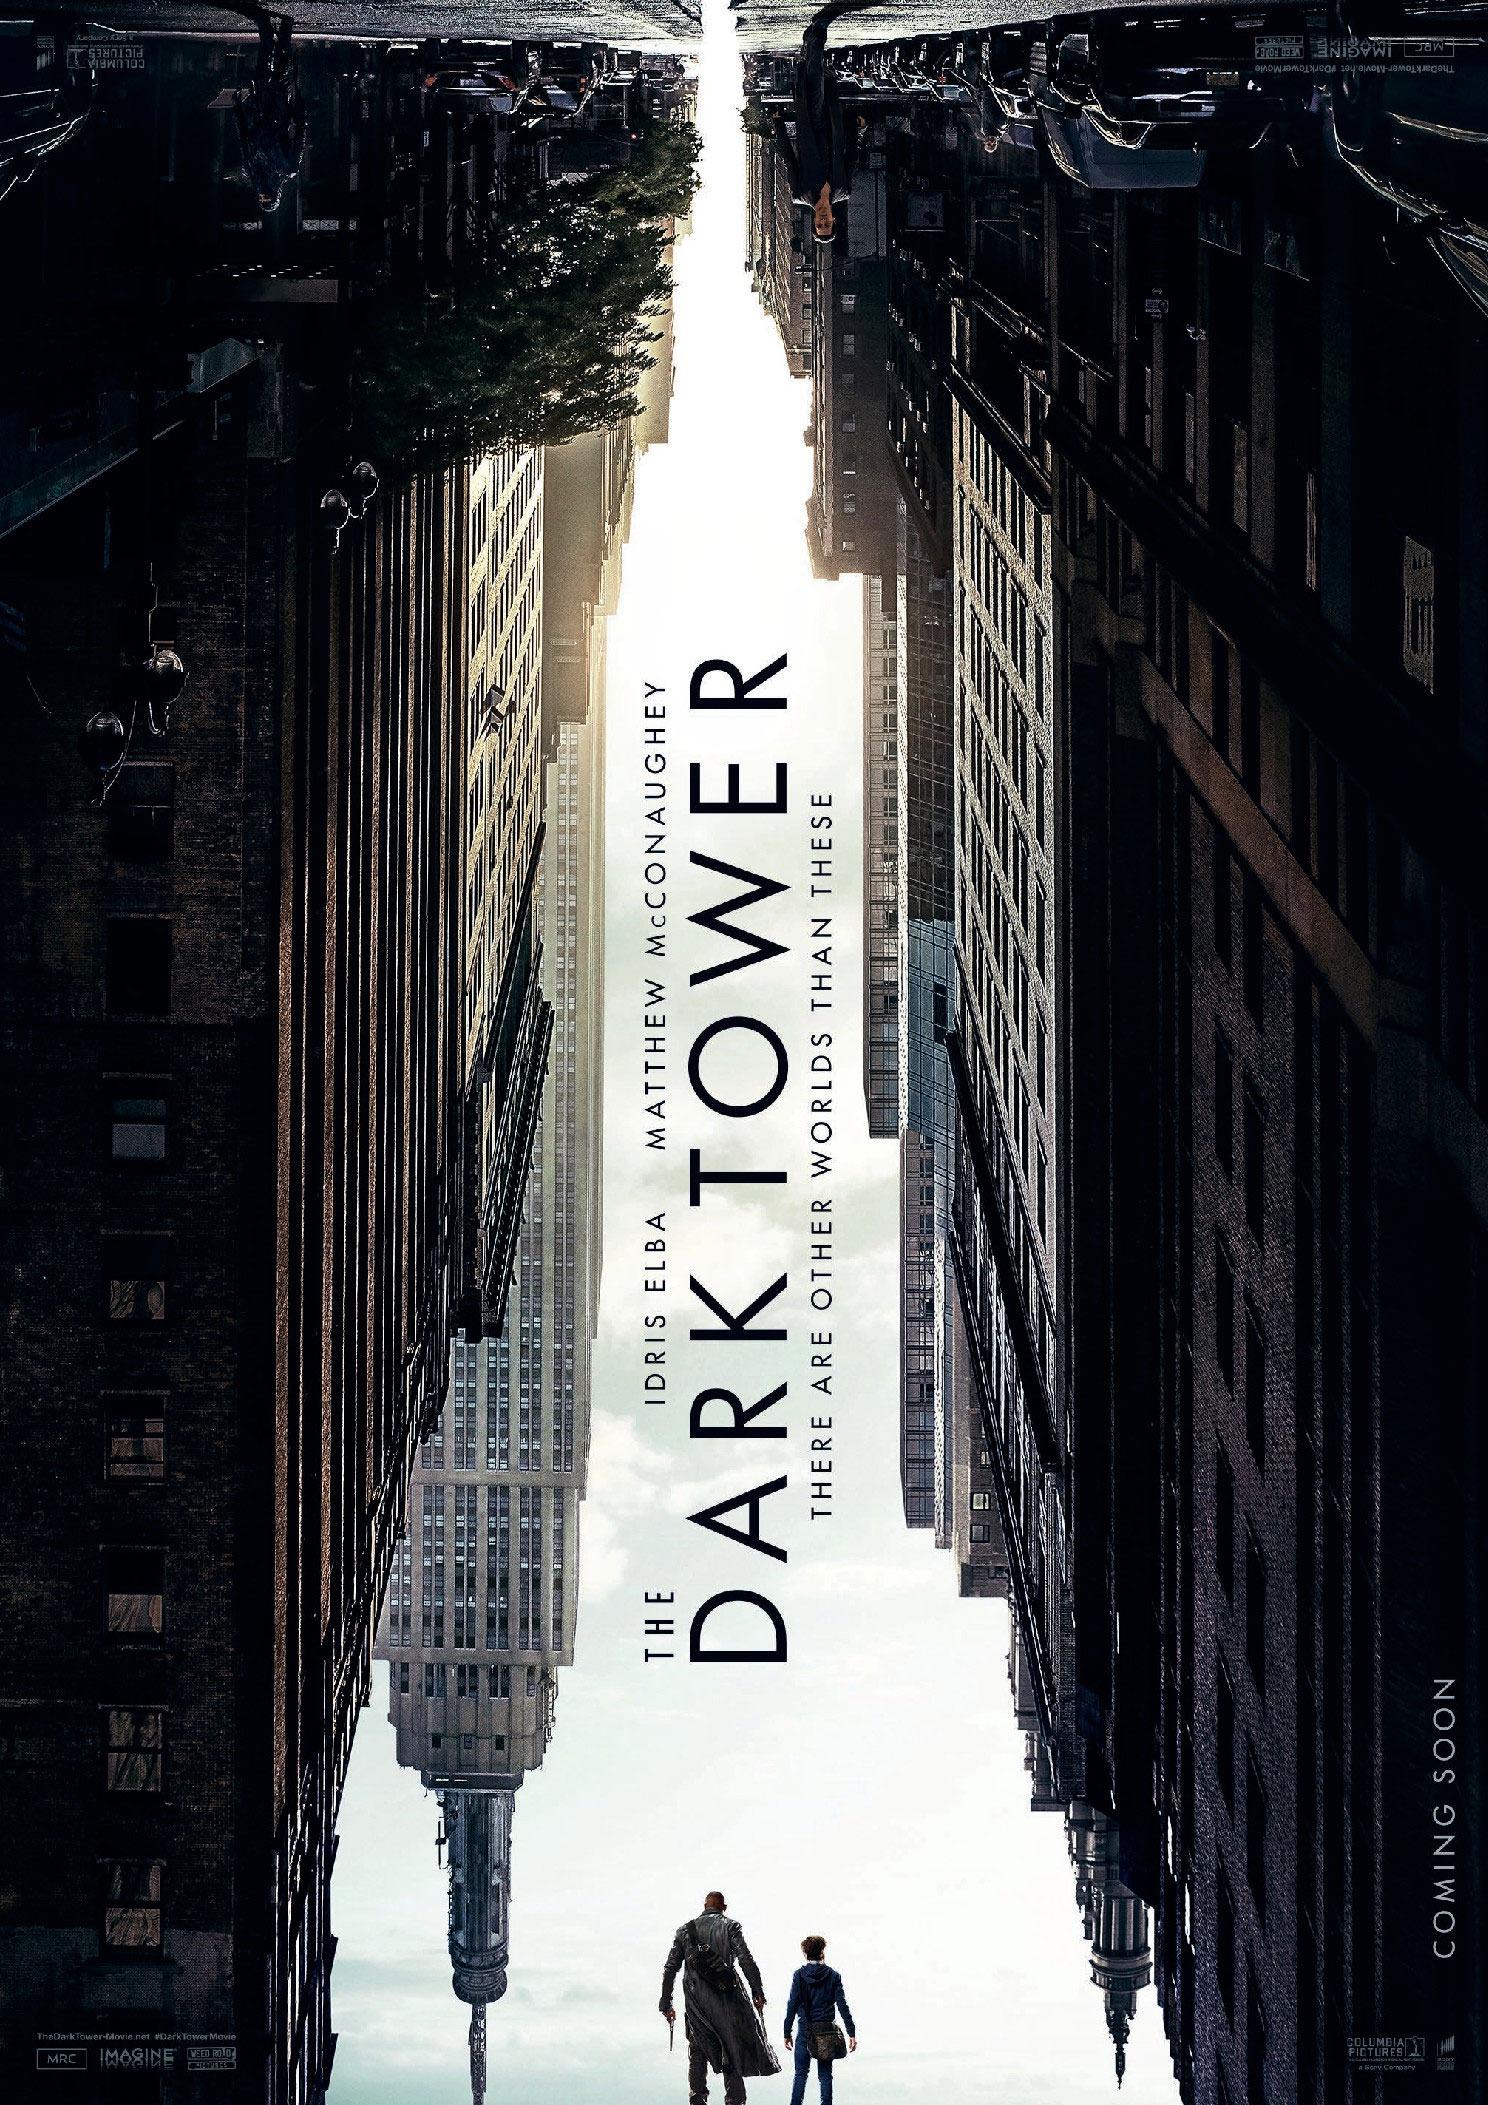 darktower-poster1big